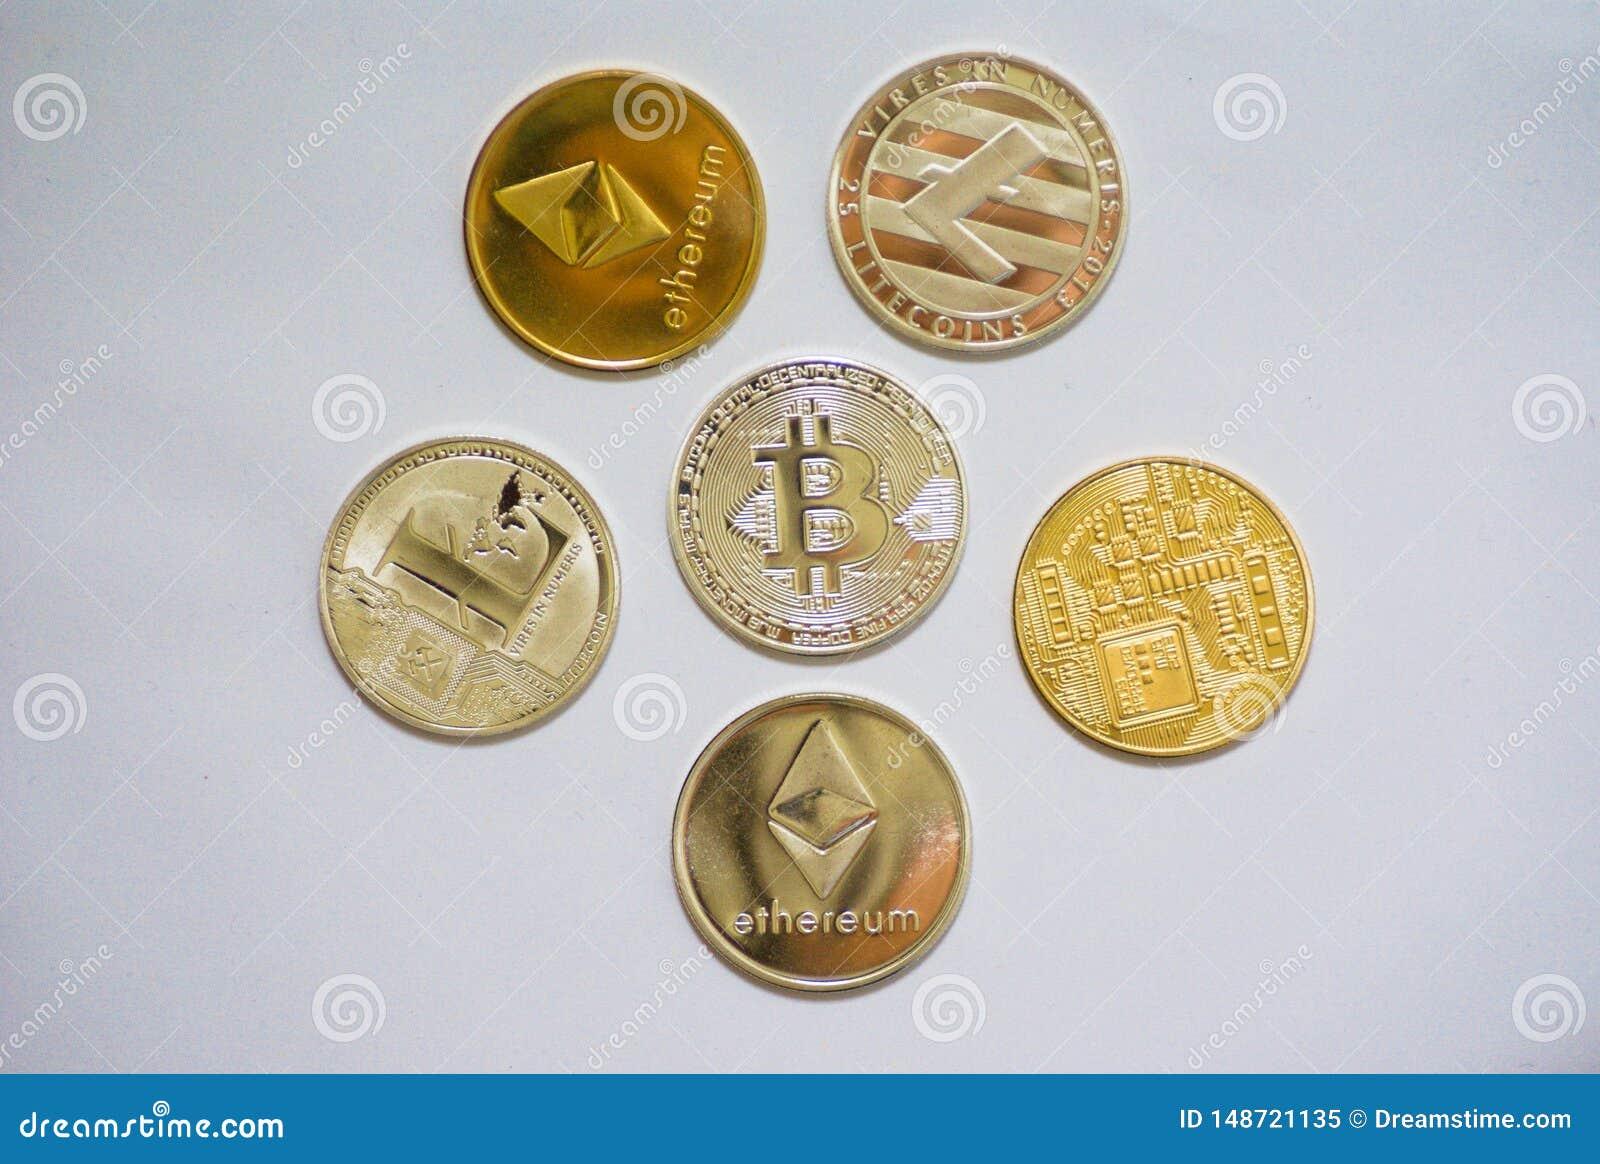 Μια συλλογή των νομισμάτων cryptocurrency